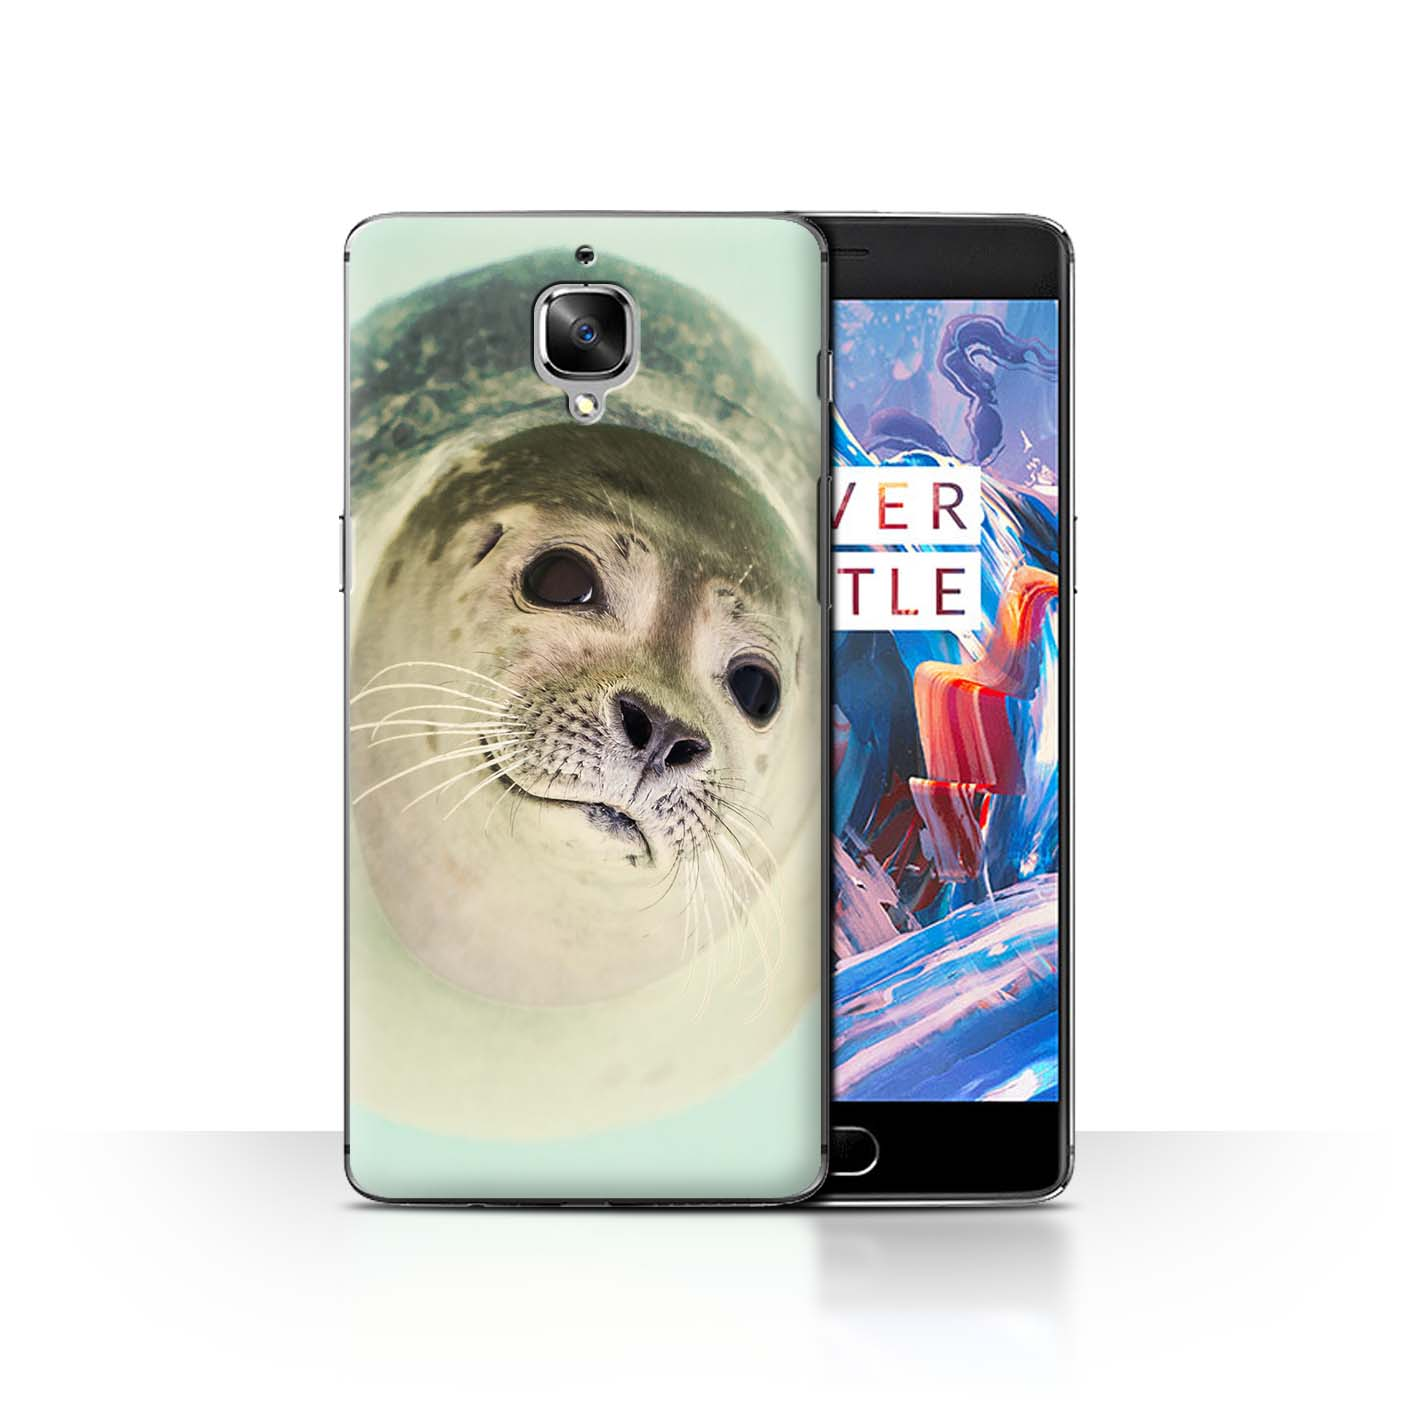 Coque-Etui-Housse-de-Stuff4-pour-OnePlus-3-3T-Animal-Drole-Meme